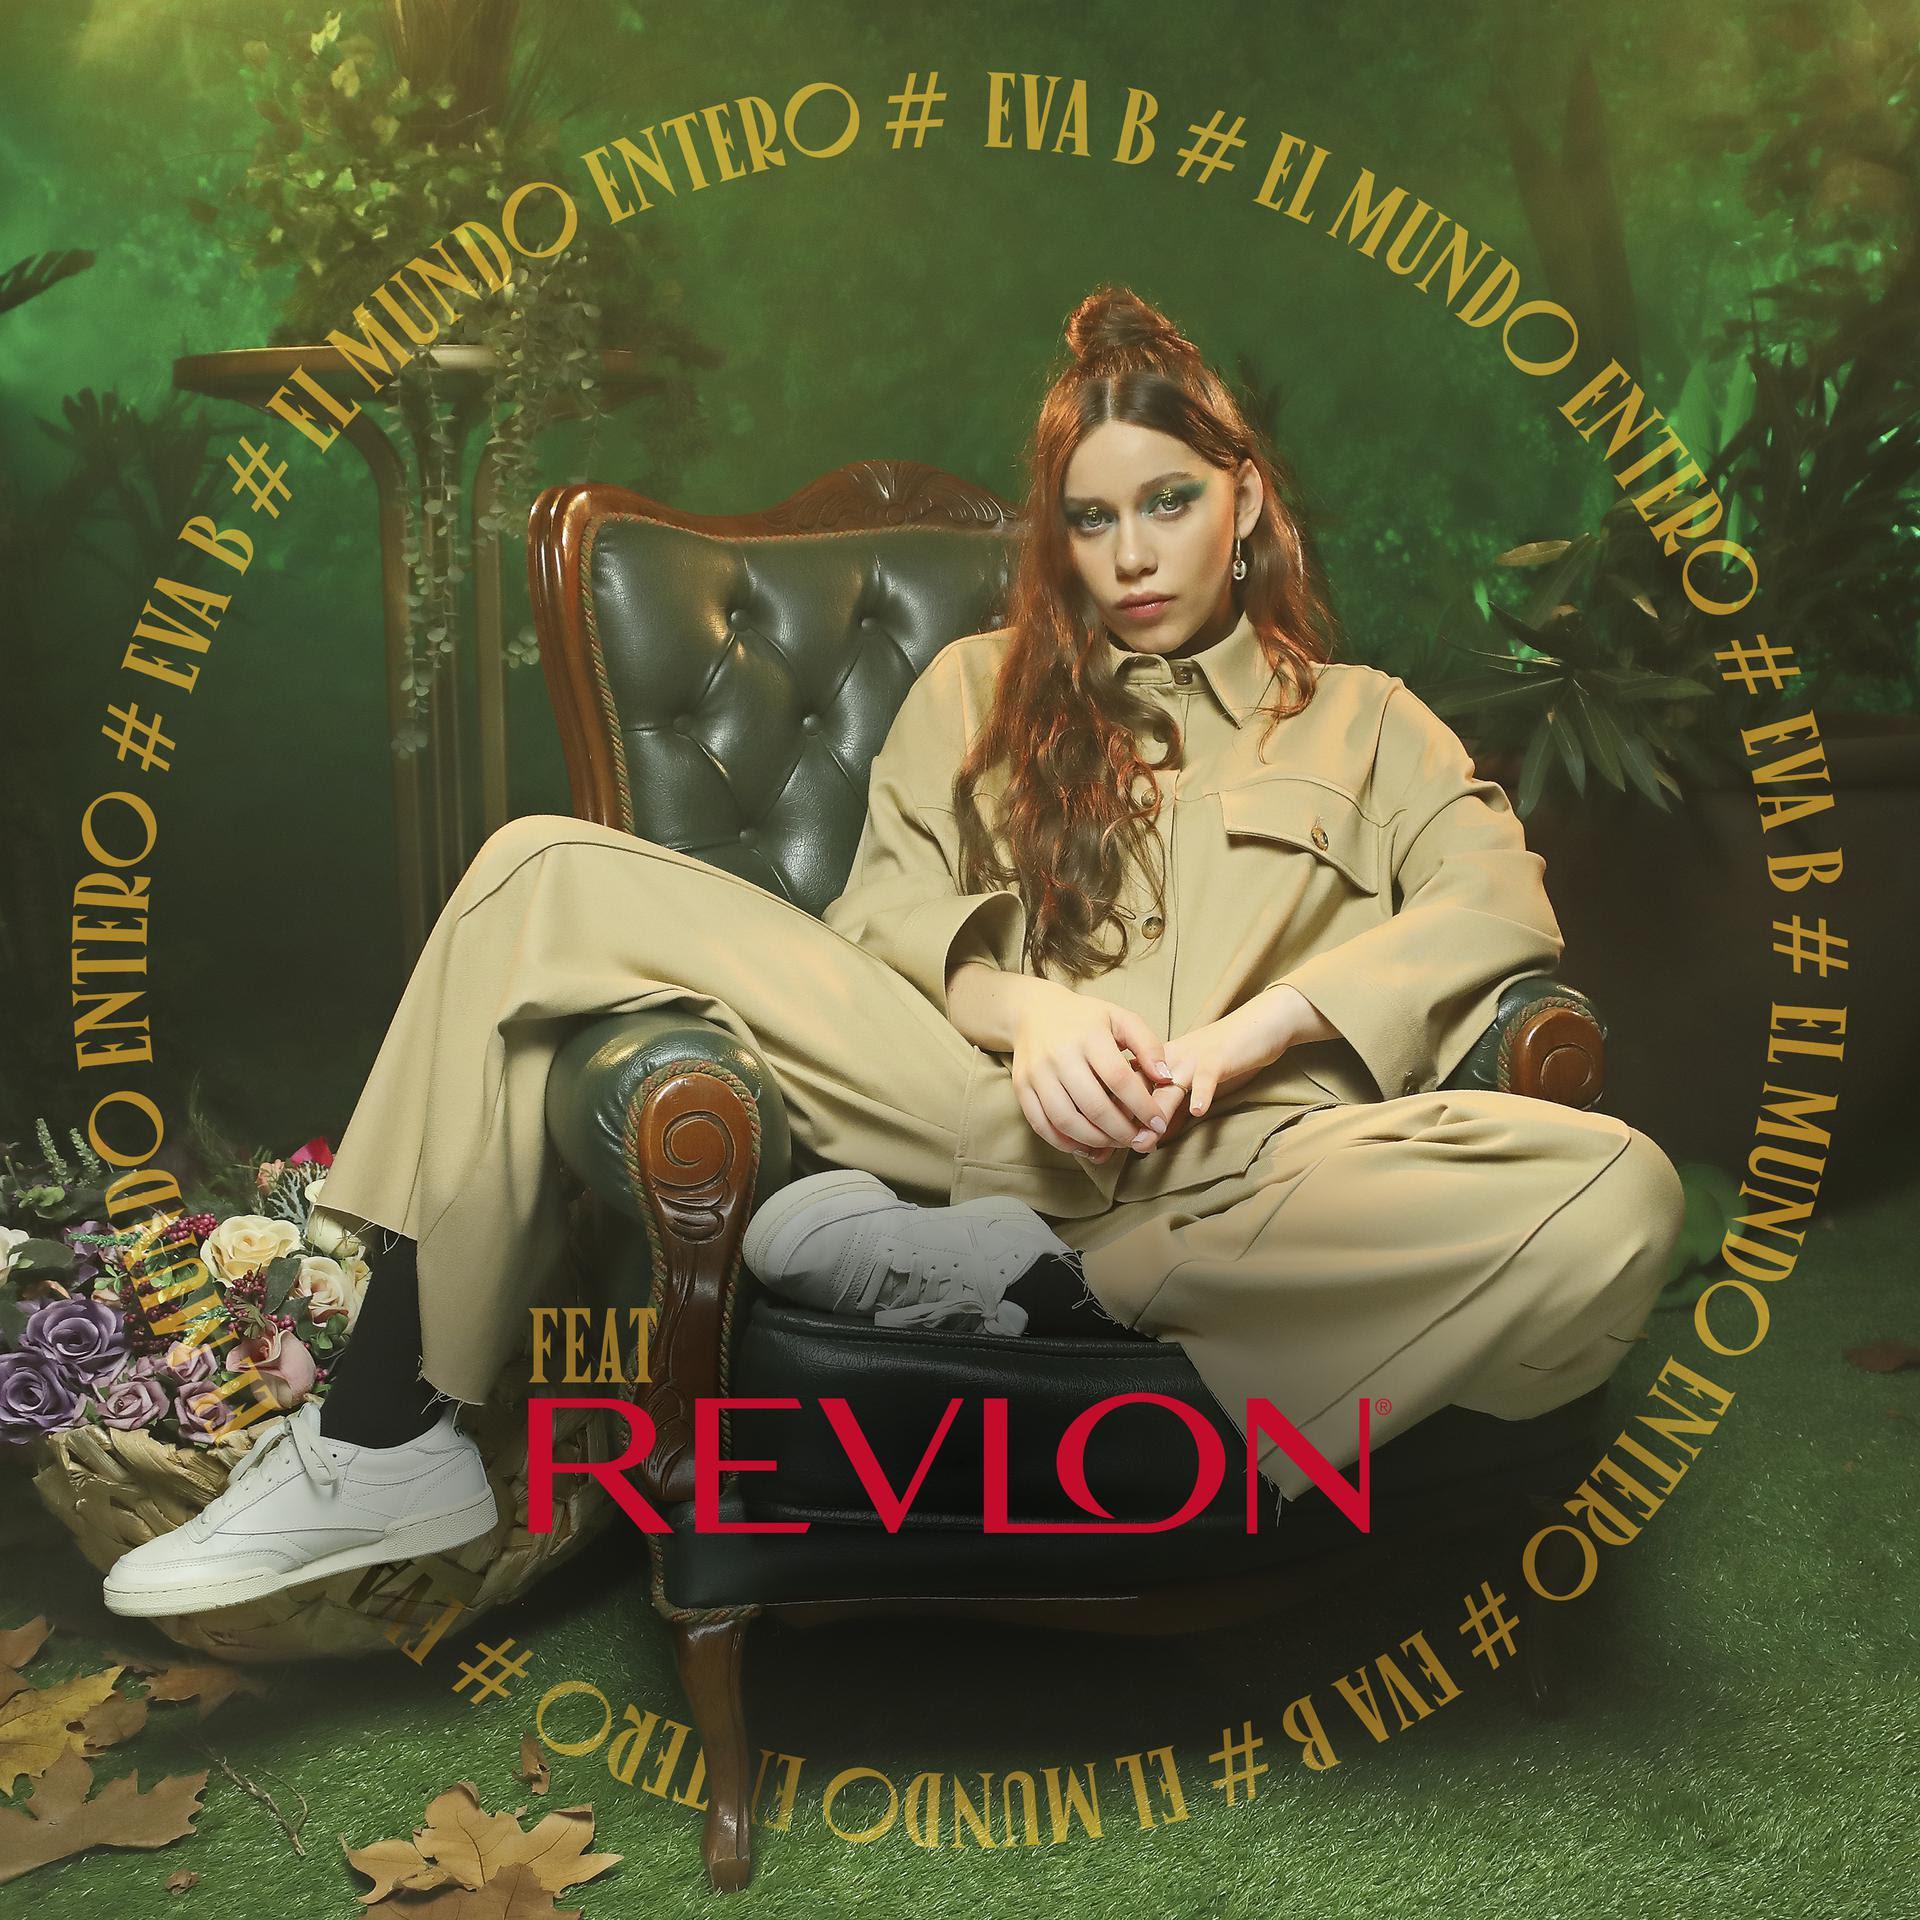 El mundo entero: así es el título de la canción que acaba de lanzar REVLON interpretada por Eva B